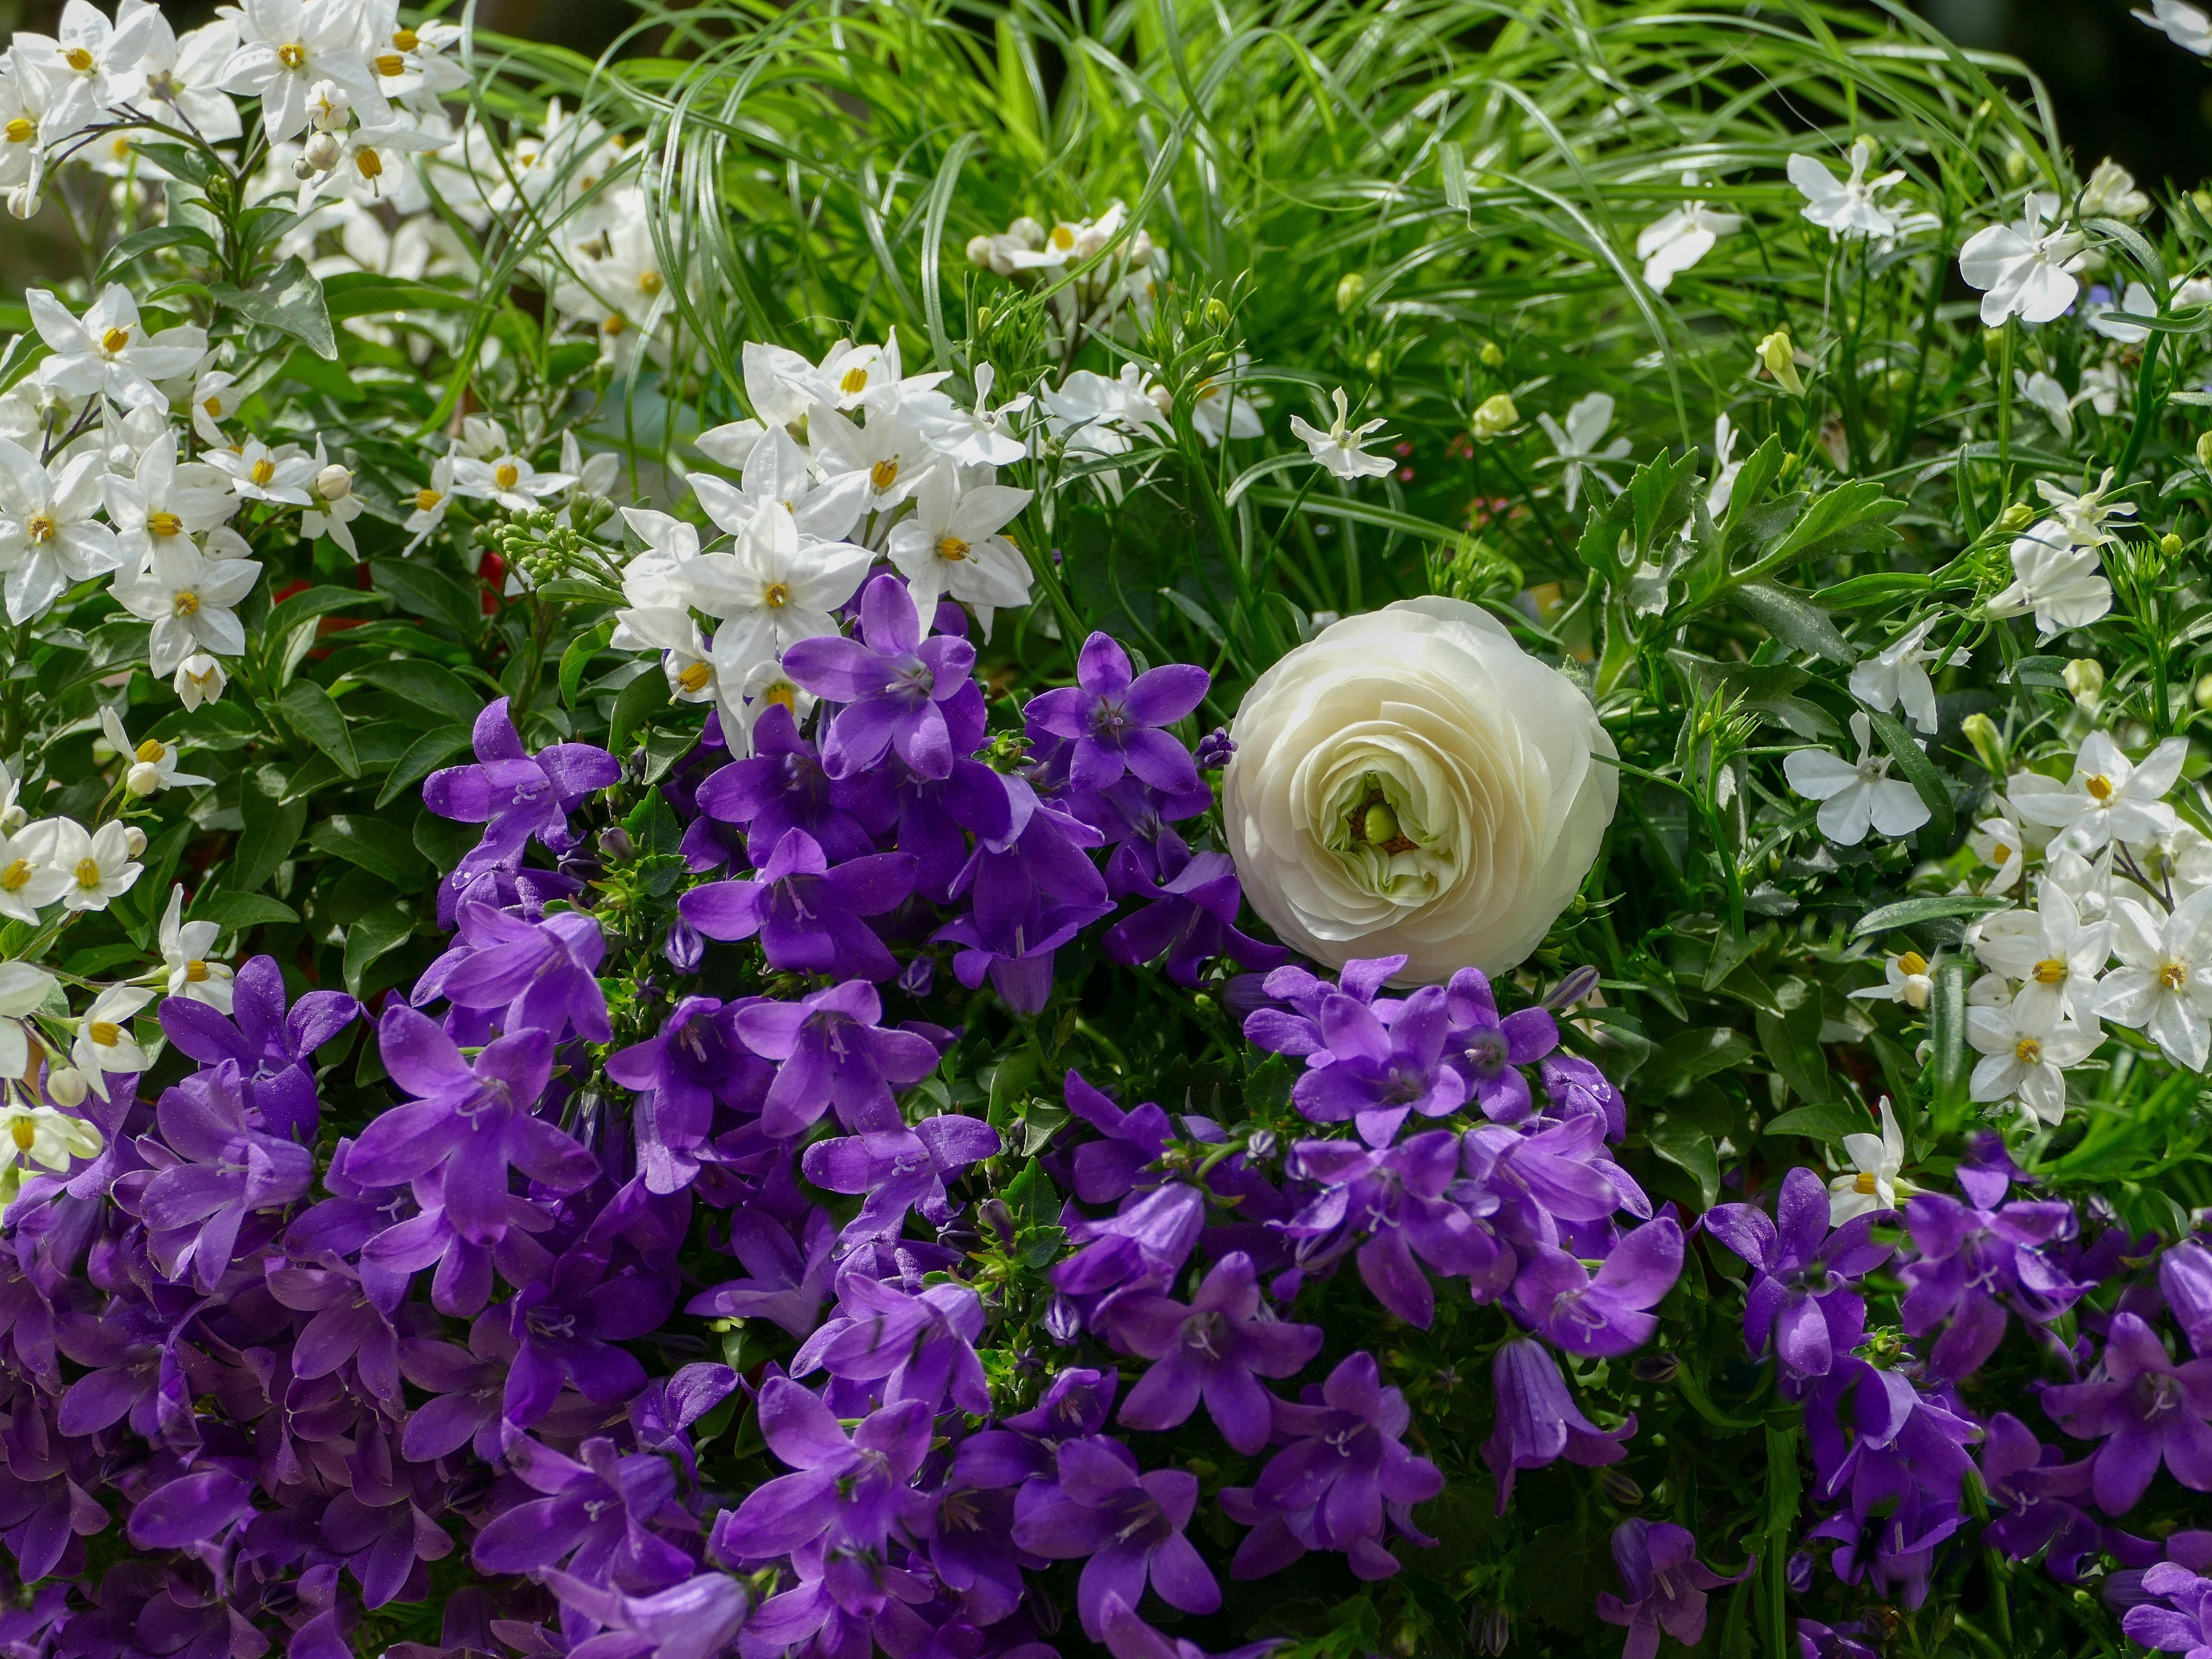 колокольчики фото цветов в саду еще